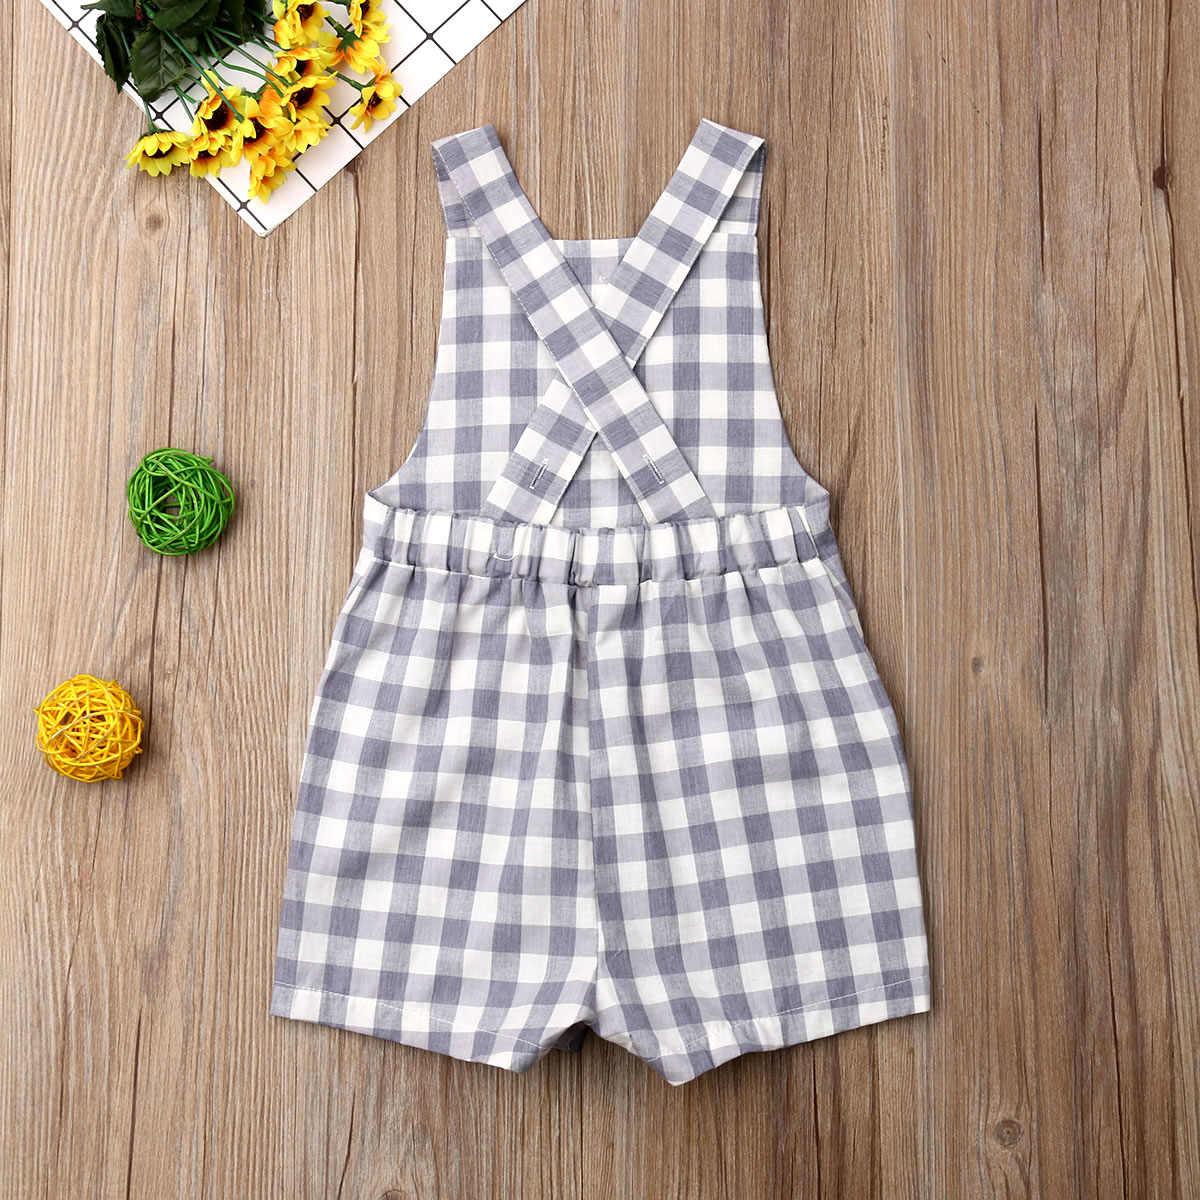 Мода 2019, летние комбинезоны для новорожденных девочек и мальчиков, комбинезон без рукавов с пуговицами, одежда, наряды